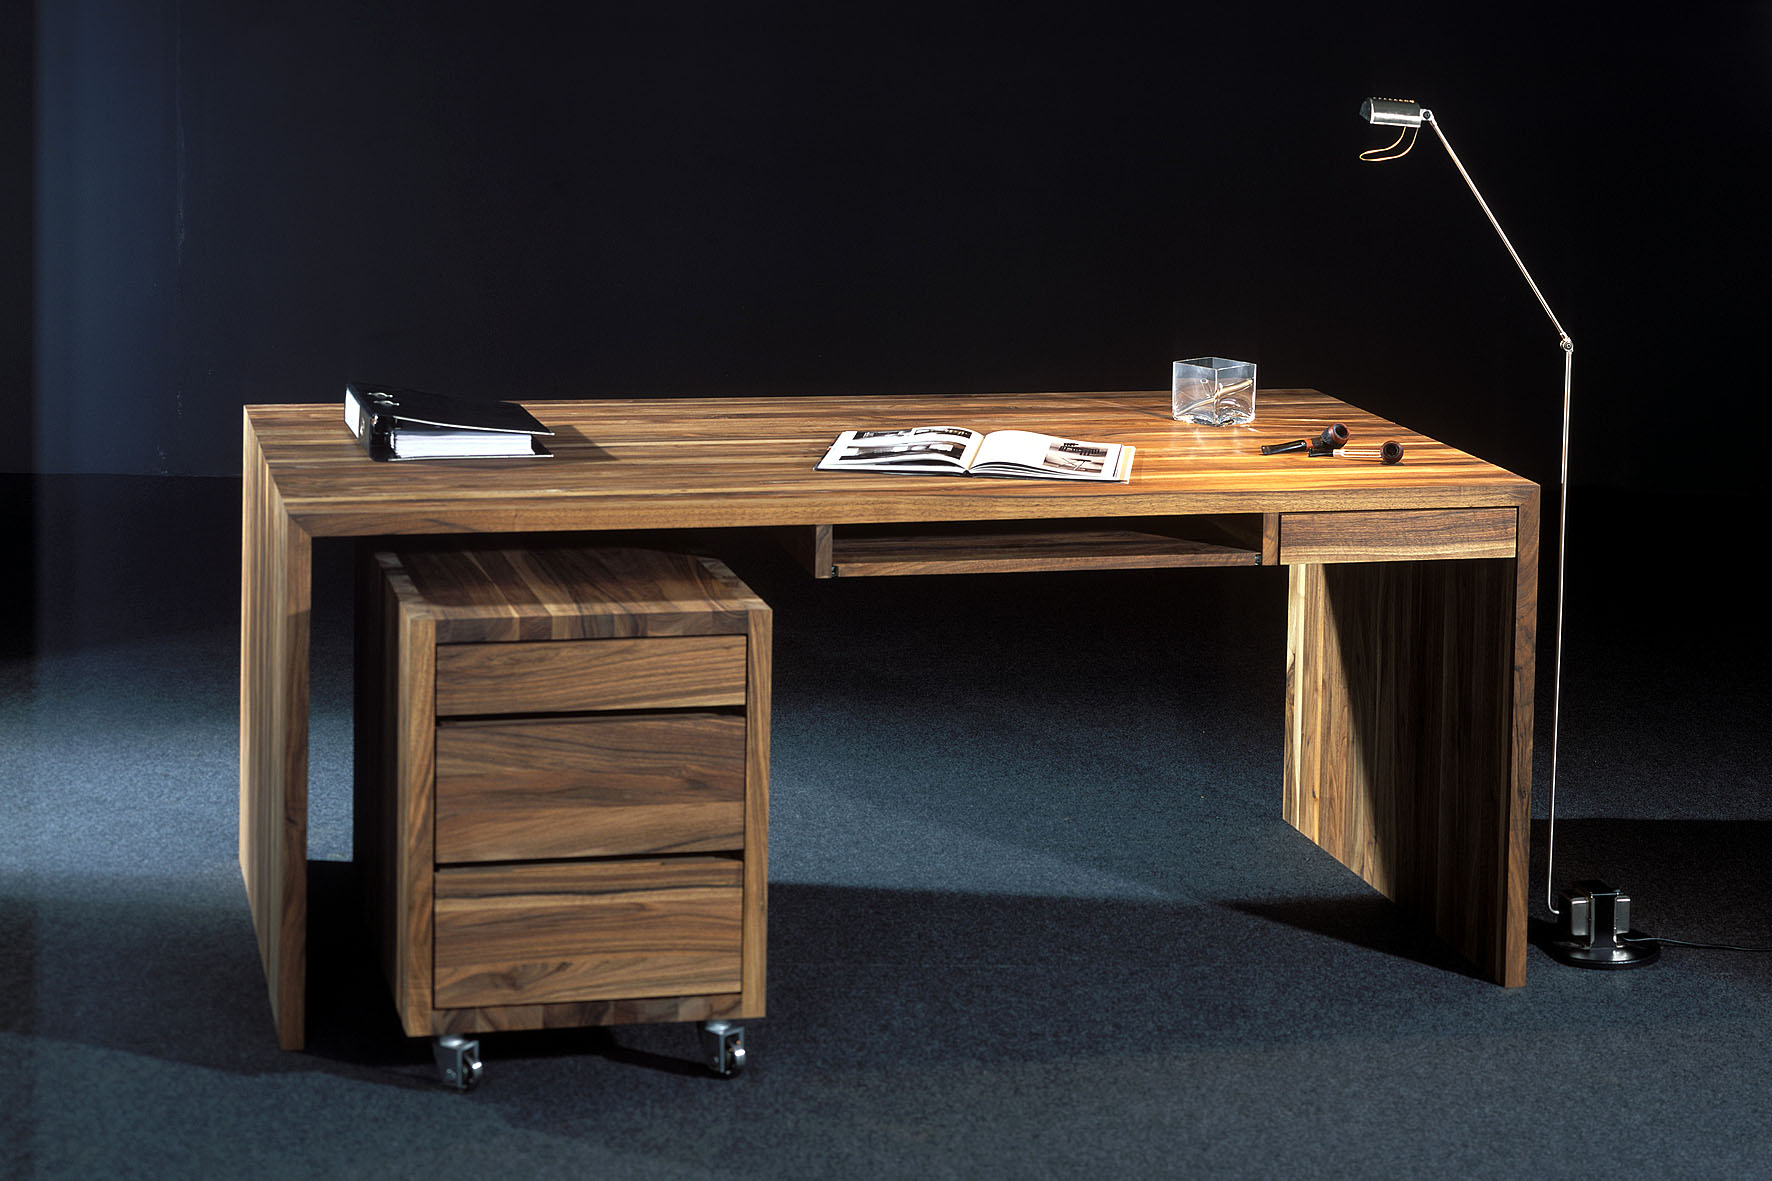 schreibtisch lupo lupus73 exklusive massivholzm bel. Black Bedroom Furniture Sets. Home Design Ideas